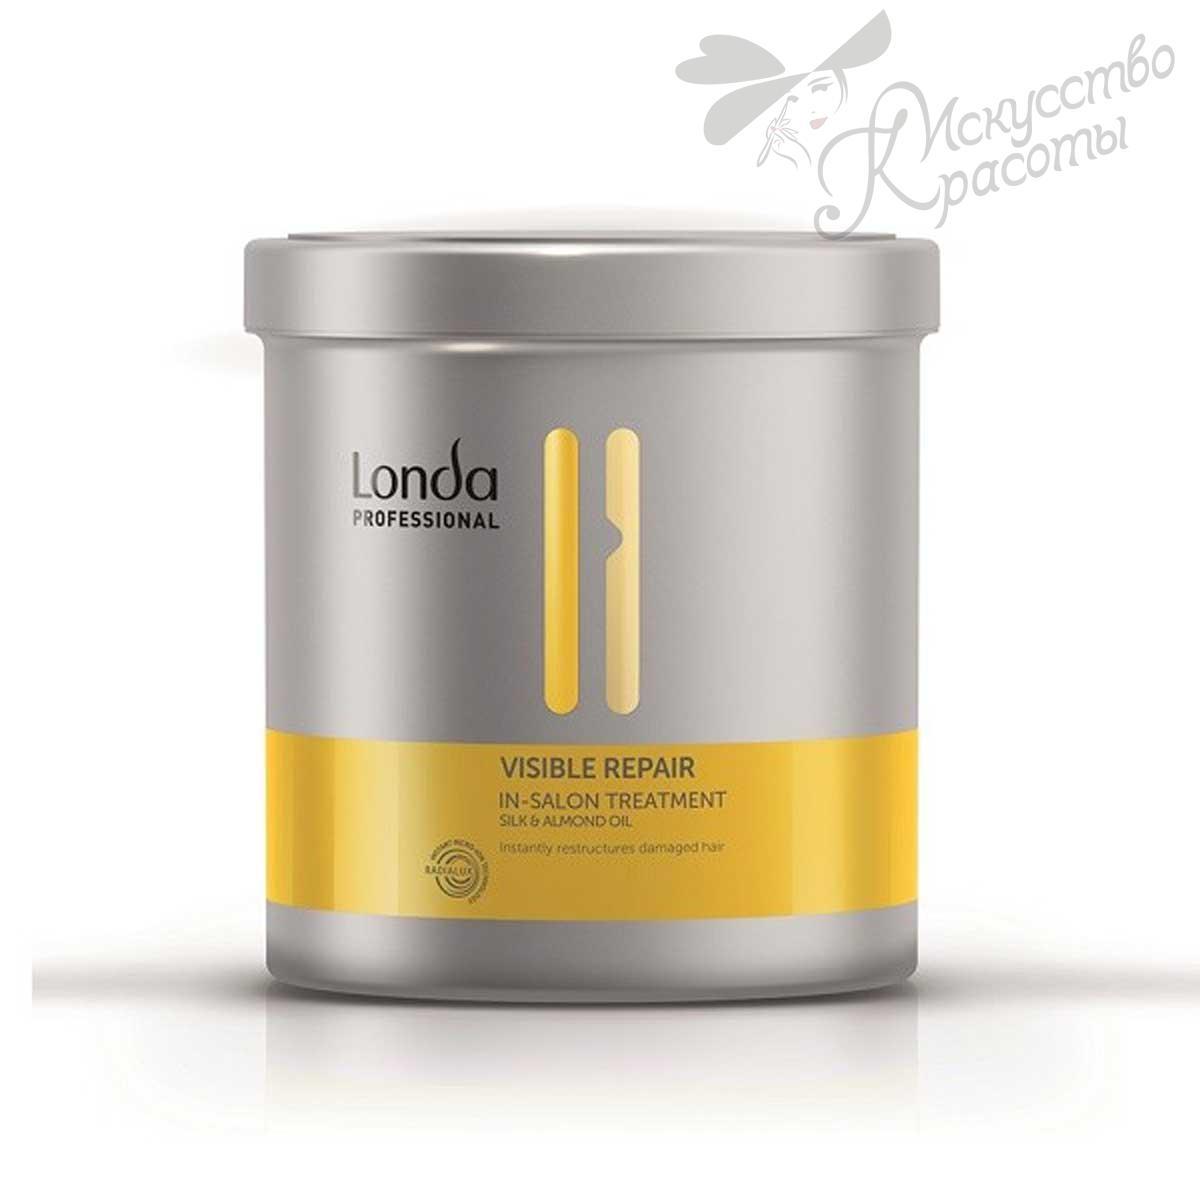 Средство для восстановления поврежденных волос Londa Professional Visible Treatment